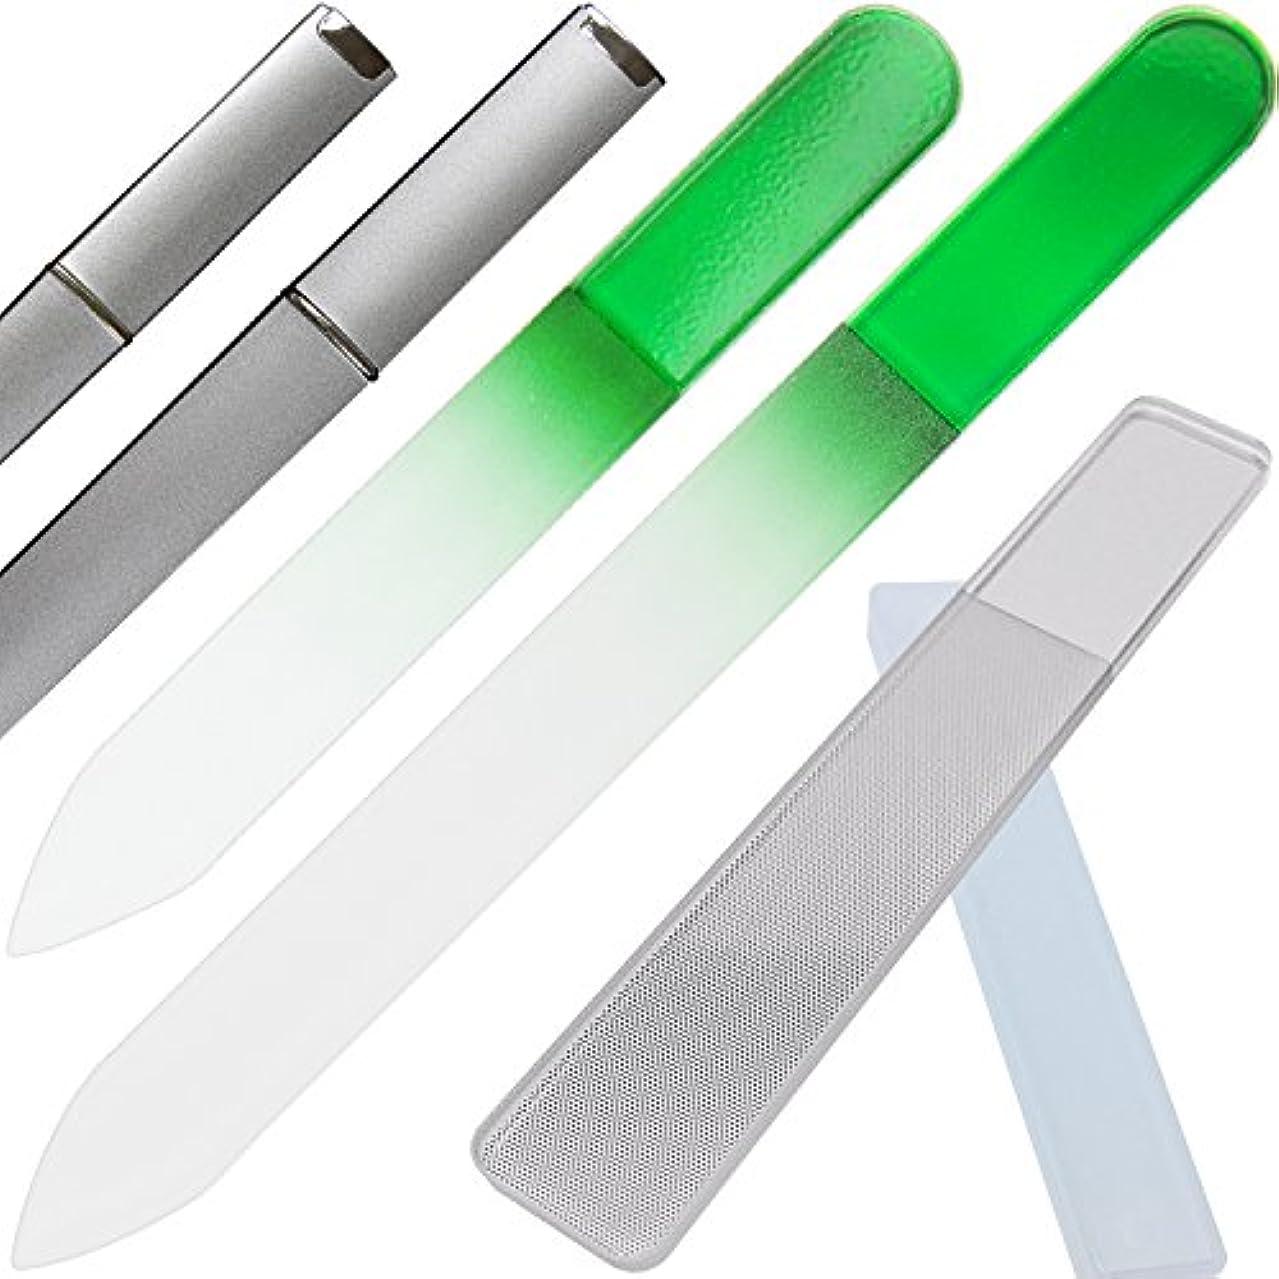 ブレンドバタフライ鰐Clarente 爪やすり 爪磨き ガラス製 専用 ケース付 4点セット ネイル ケア